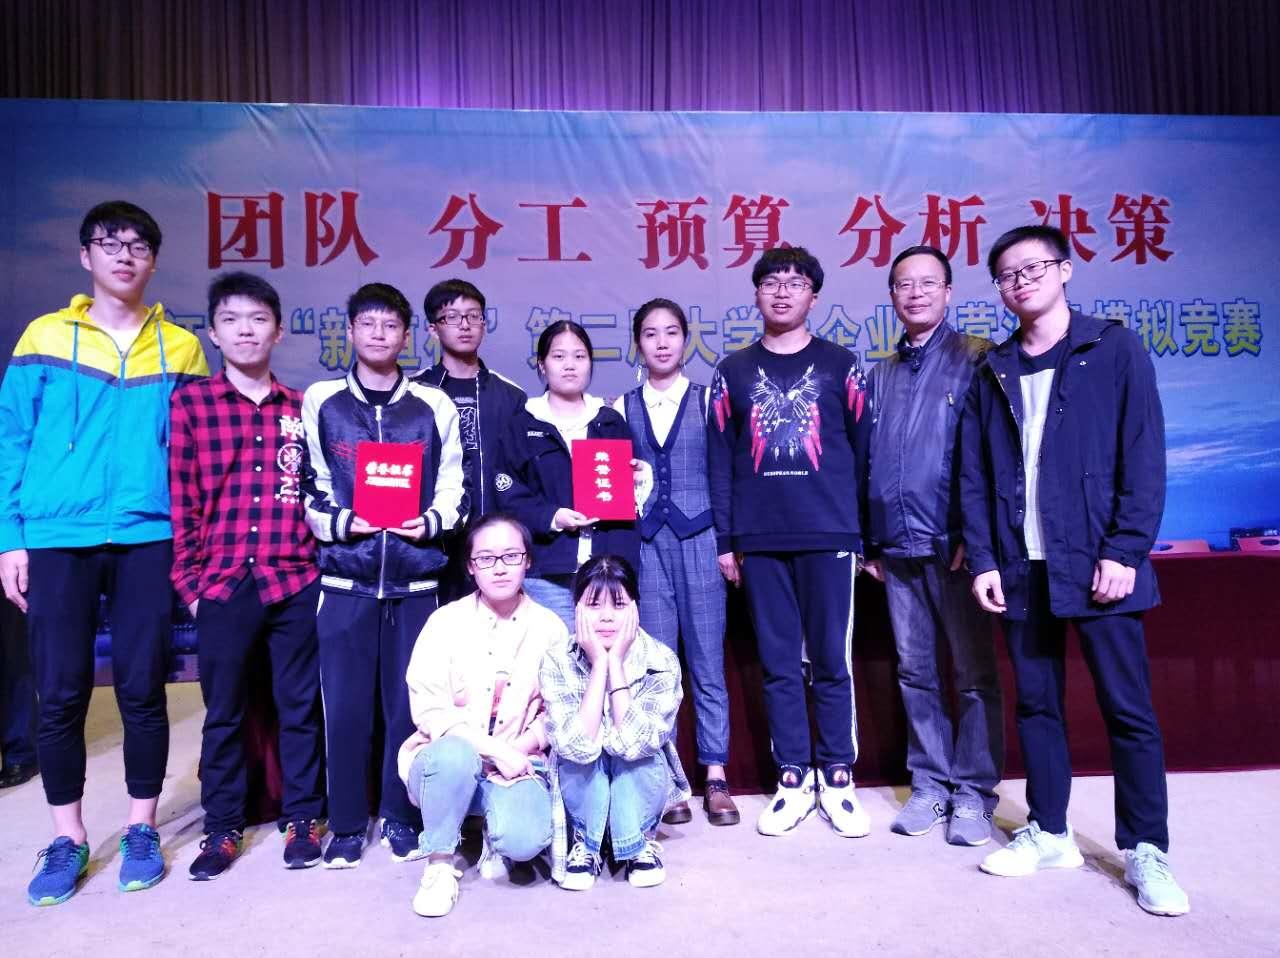 我院工商学子在2017年浙江省第二届大学生企业经营沙盘模拟竞赛中喜获佳绩